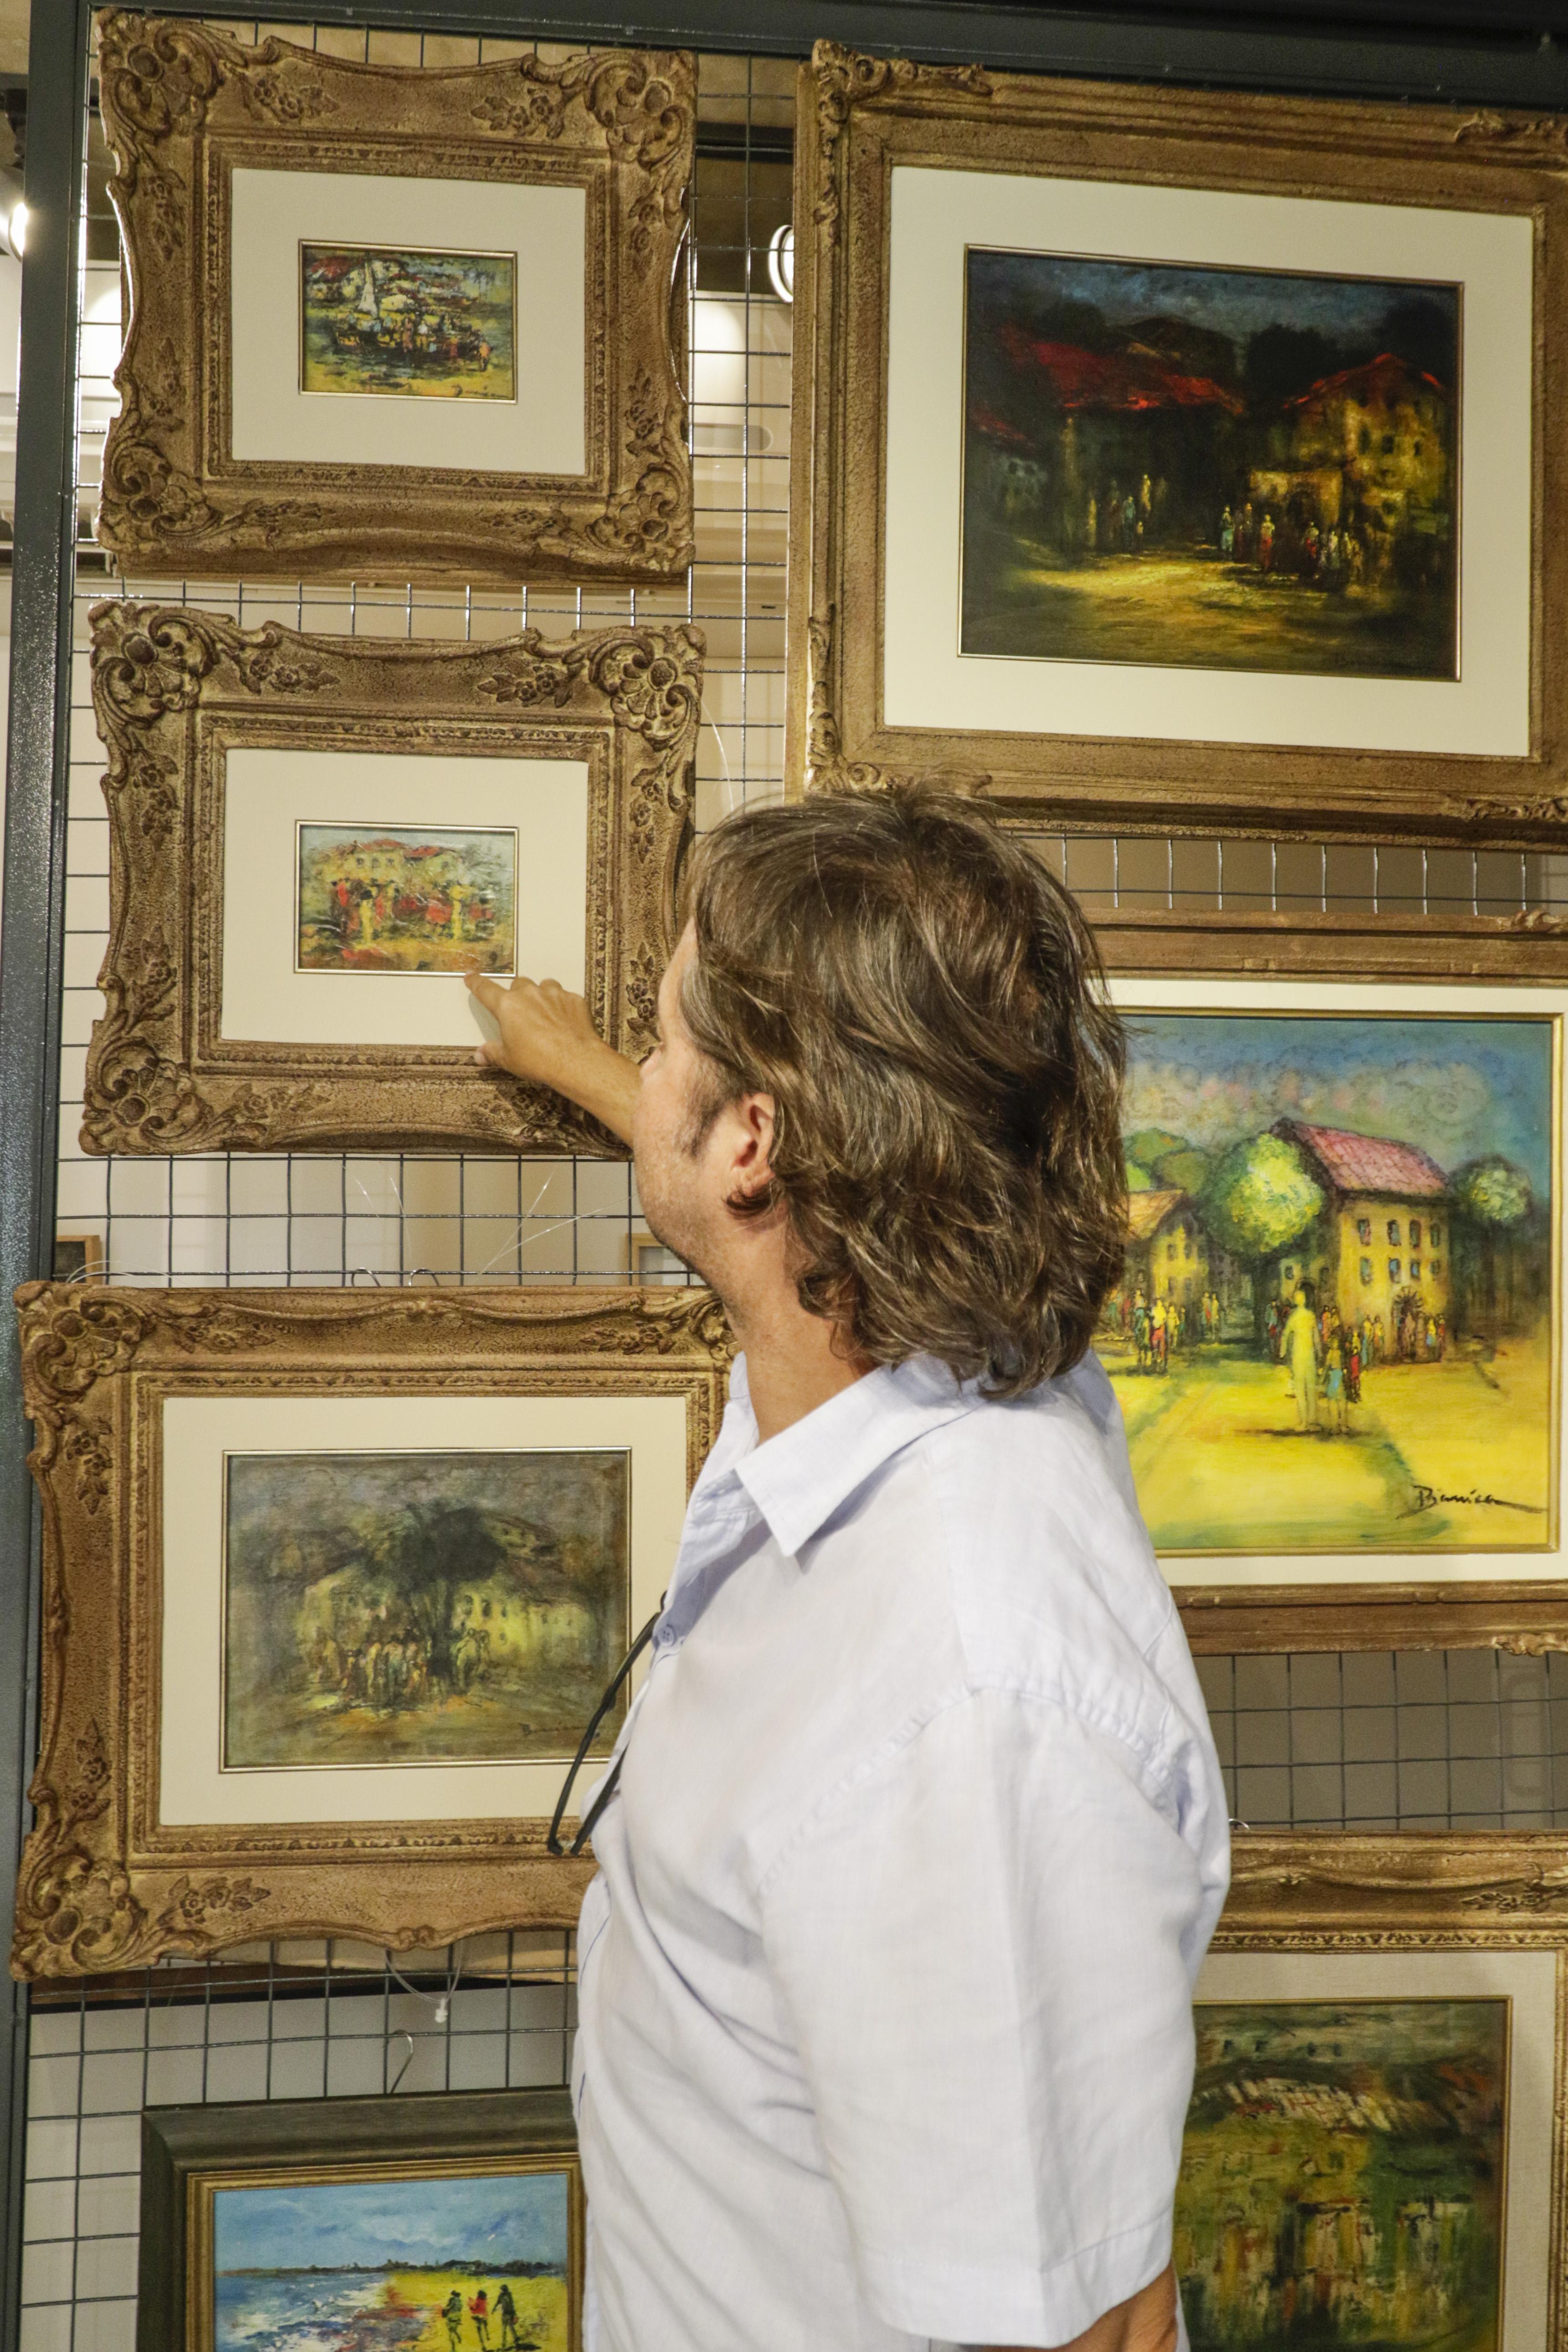 (Foto: Thais Mesquita)FORTALEZA, CE, BRASIL, 26.07.2021: Exposição do Artista Ze Tarcísio na Sculpt Galeria. A galeria fica dentro da loja de decoração Spazio, localizada na Rua Paula Ney, no bairro Aldeota.  Rodrigo Parente, proprietário do Spazio, mostrando algumas obras (Thais Mesquita/OPOVO)